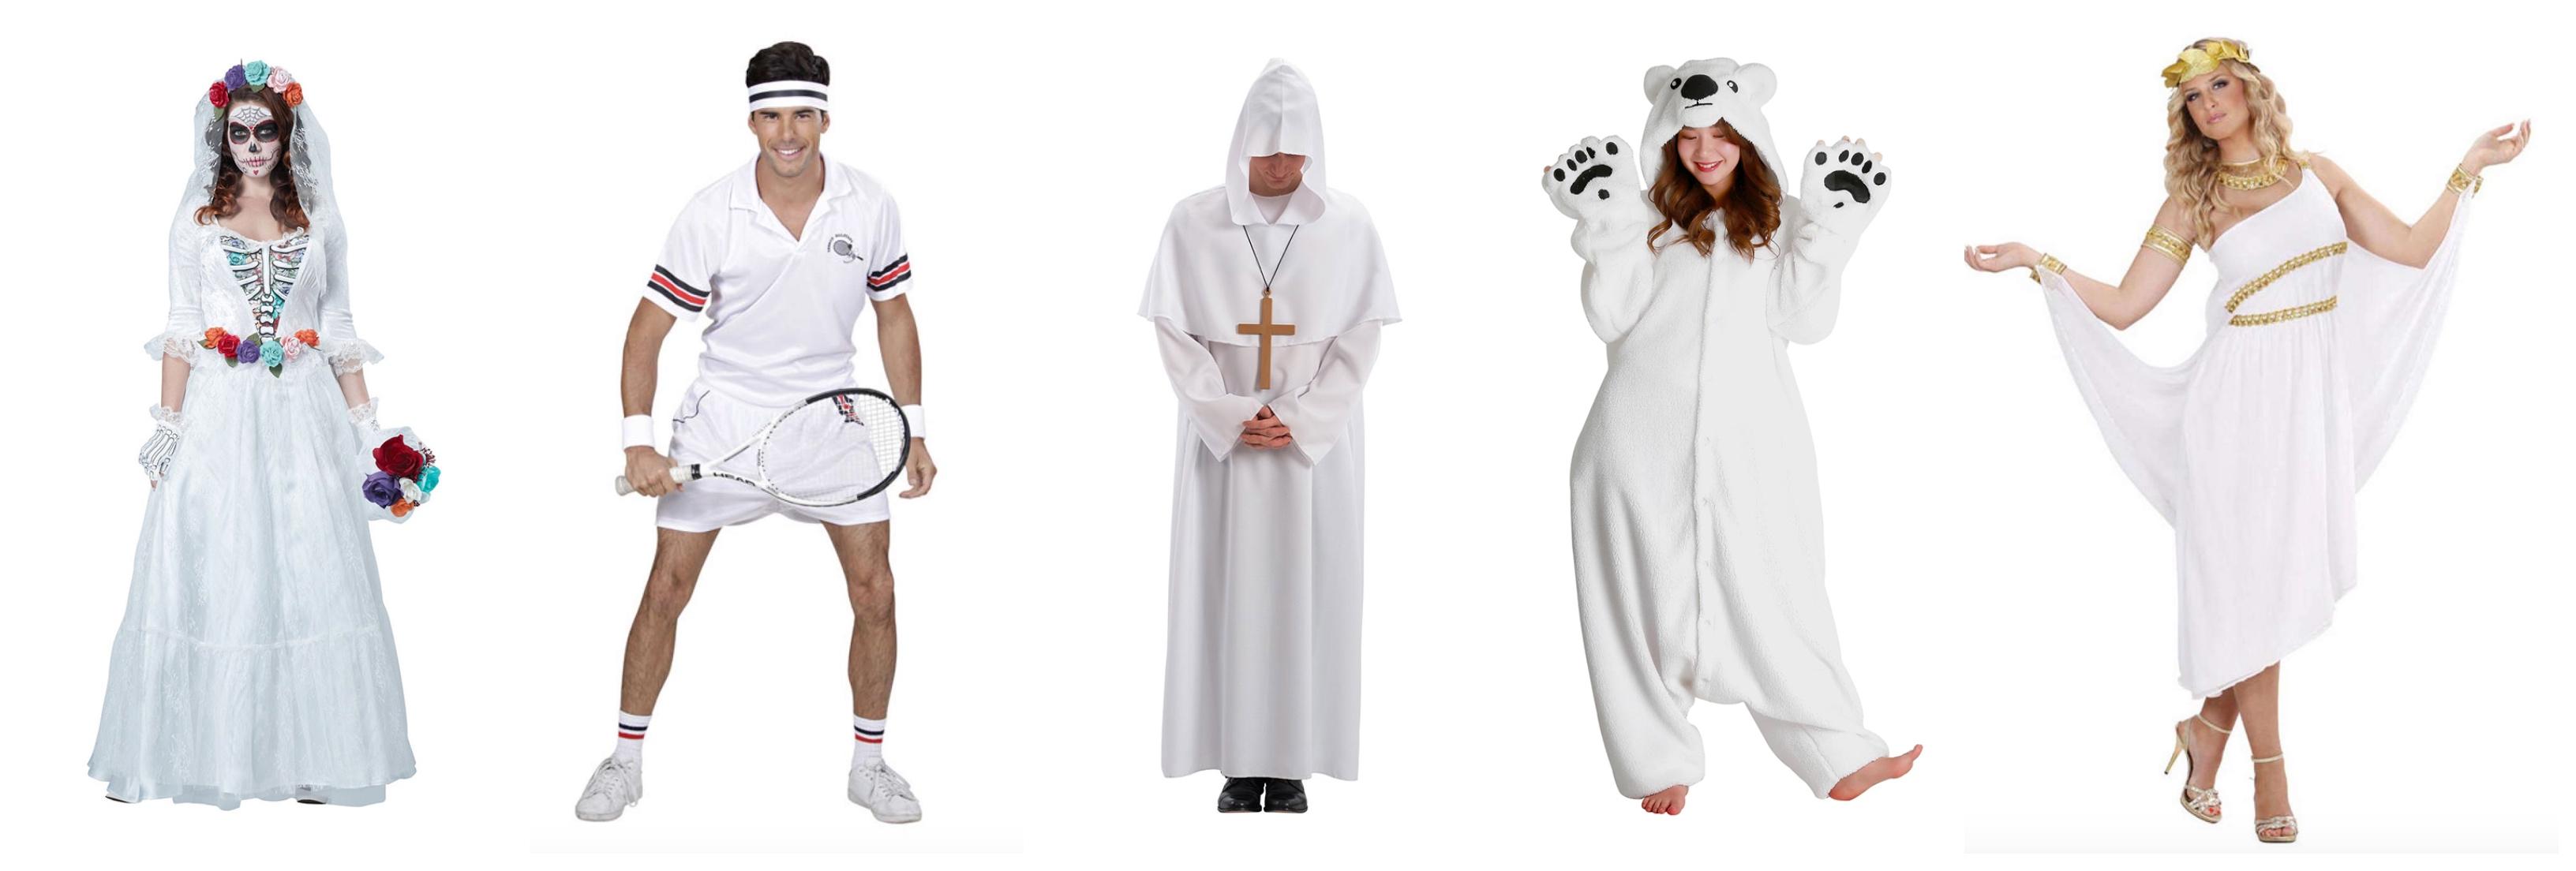 Hvide voksenkostumer - Hvide kostumer til voksne